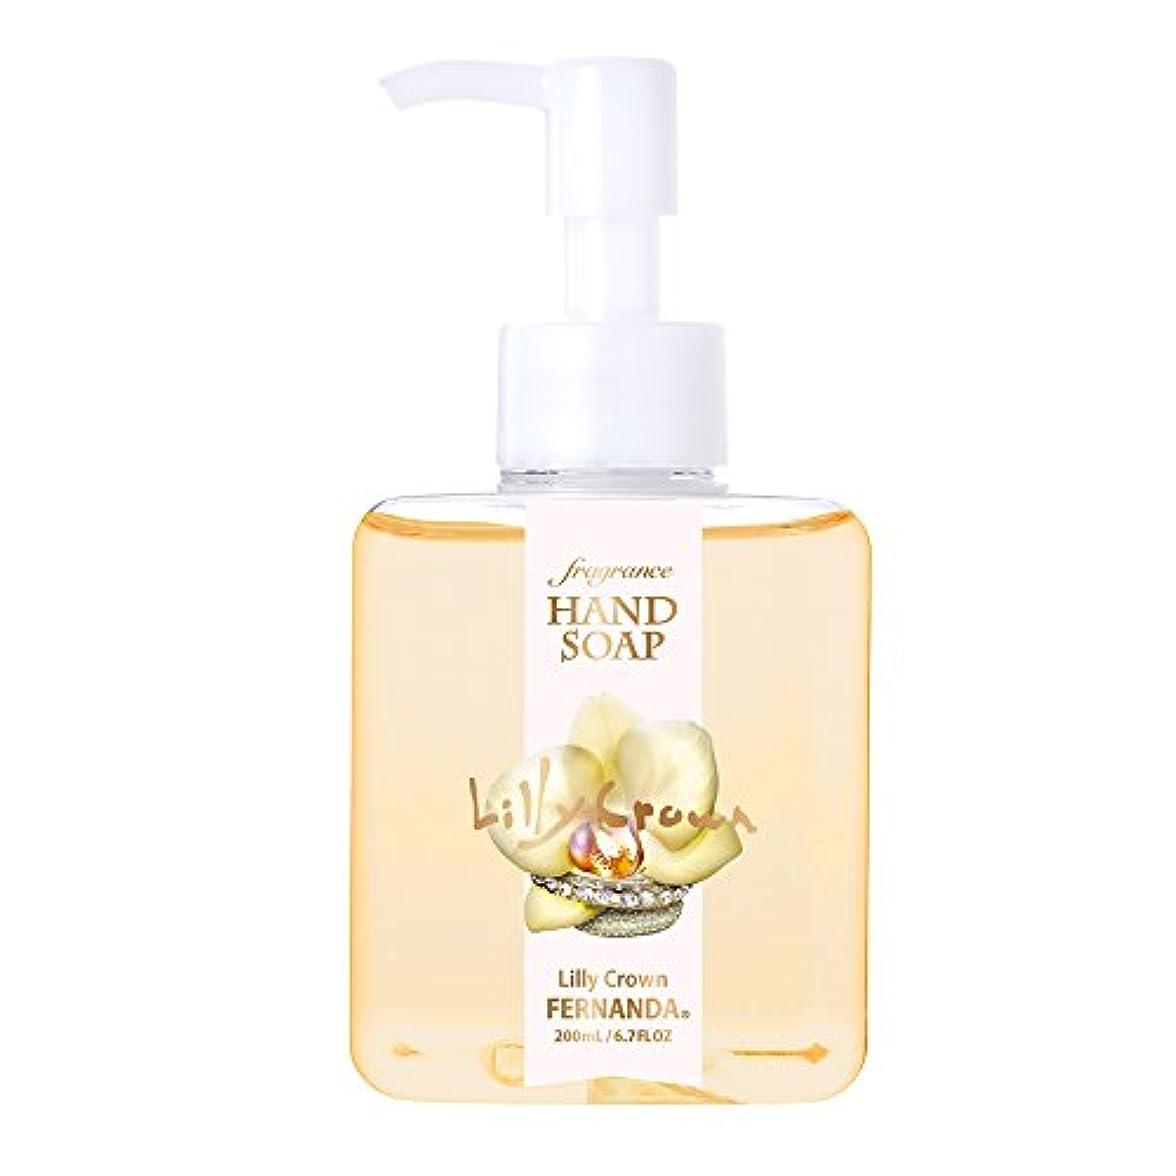 口述する瞬時に切り下げFERNANDA(フェルナンダ) Fragrance Hand Soap Lilly Crown (ハンドソープ リリークラウン)